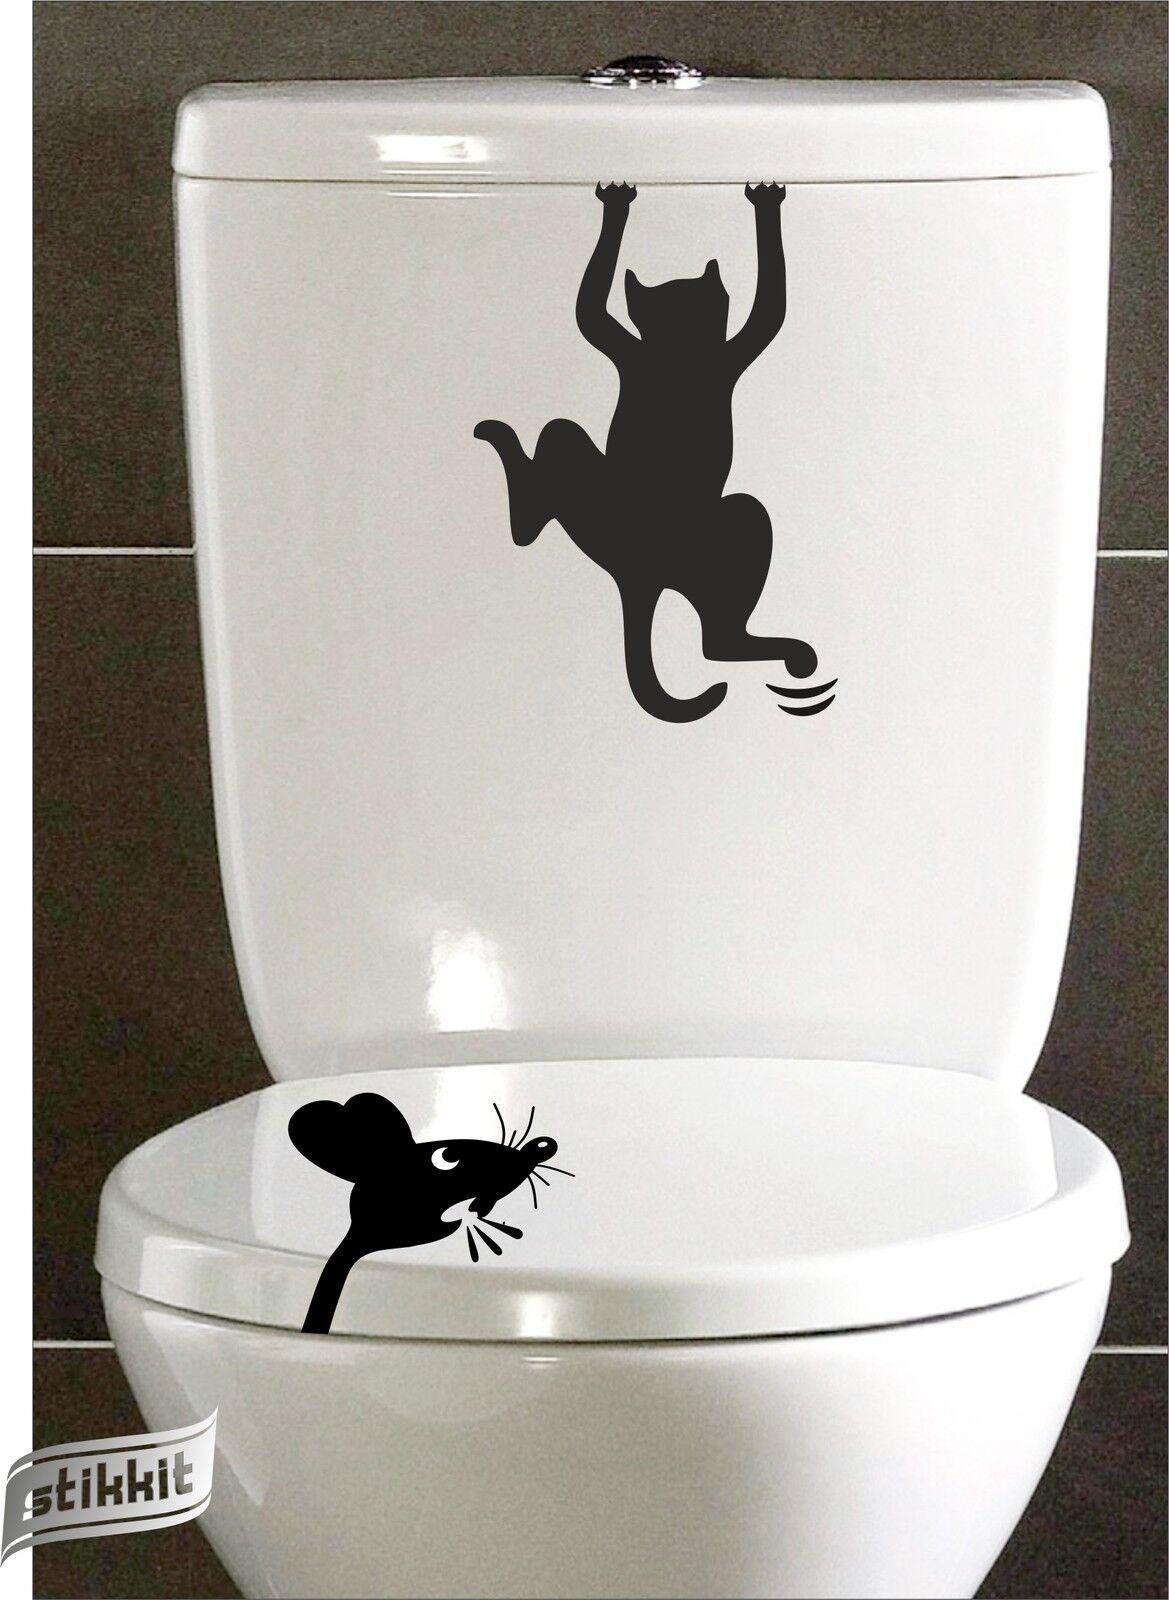 Wc homme femmes autocollant d calque symbole porte wc for Autocollant porte wc